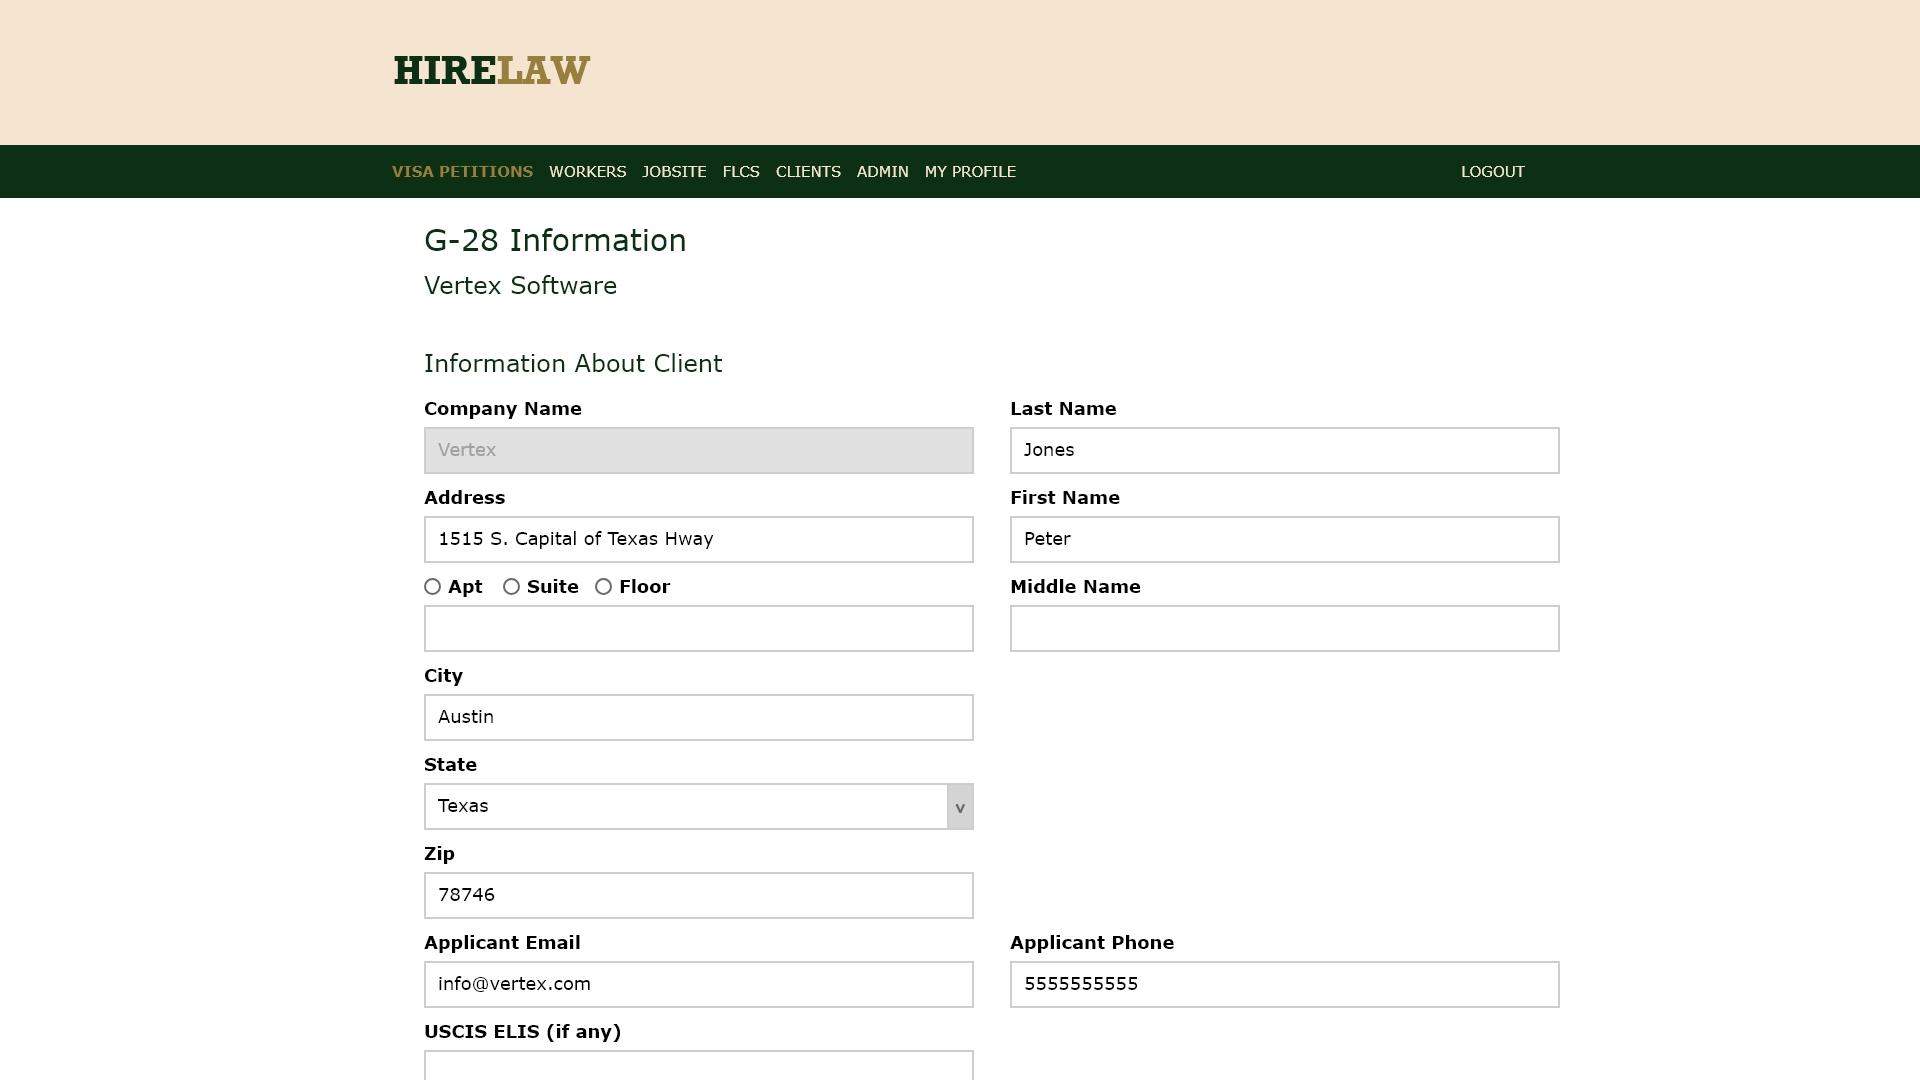 Hirelaw G-28 Form